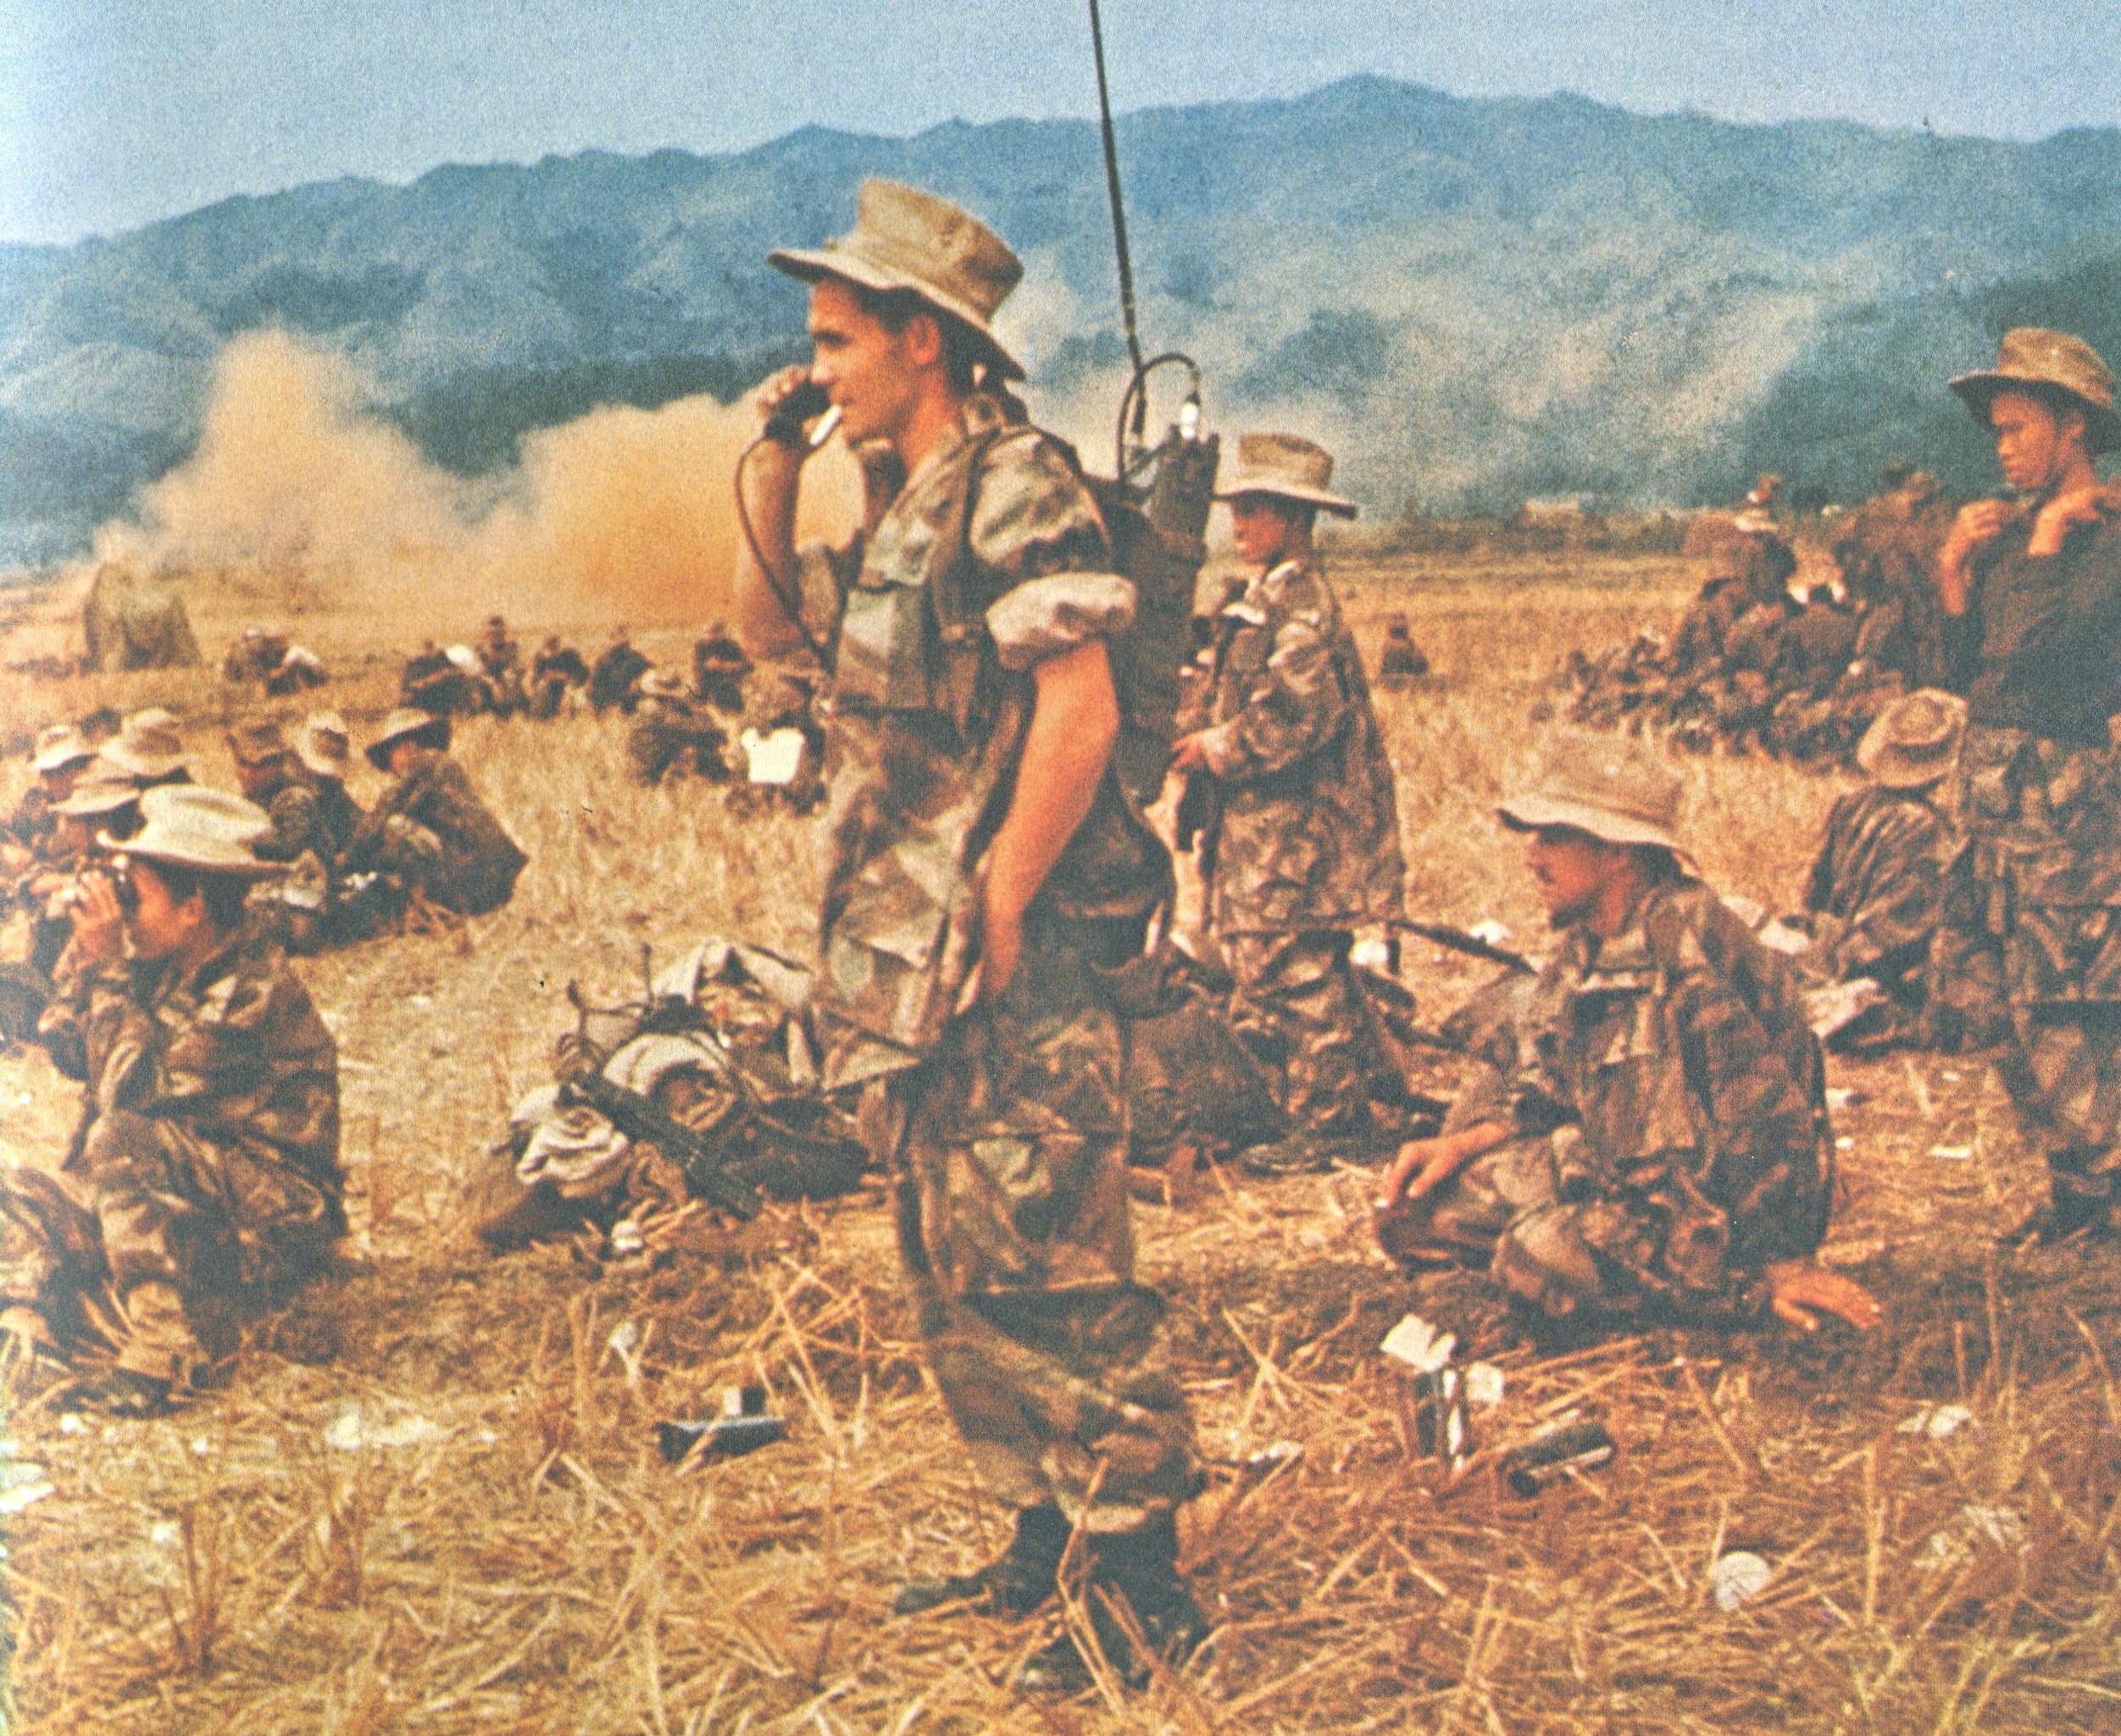 L'Halluinois Rodolphe Coucke Honoré par l'Armée dans le cadre de l'affaire Boudarel et le camp 113